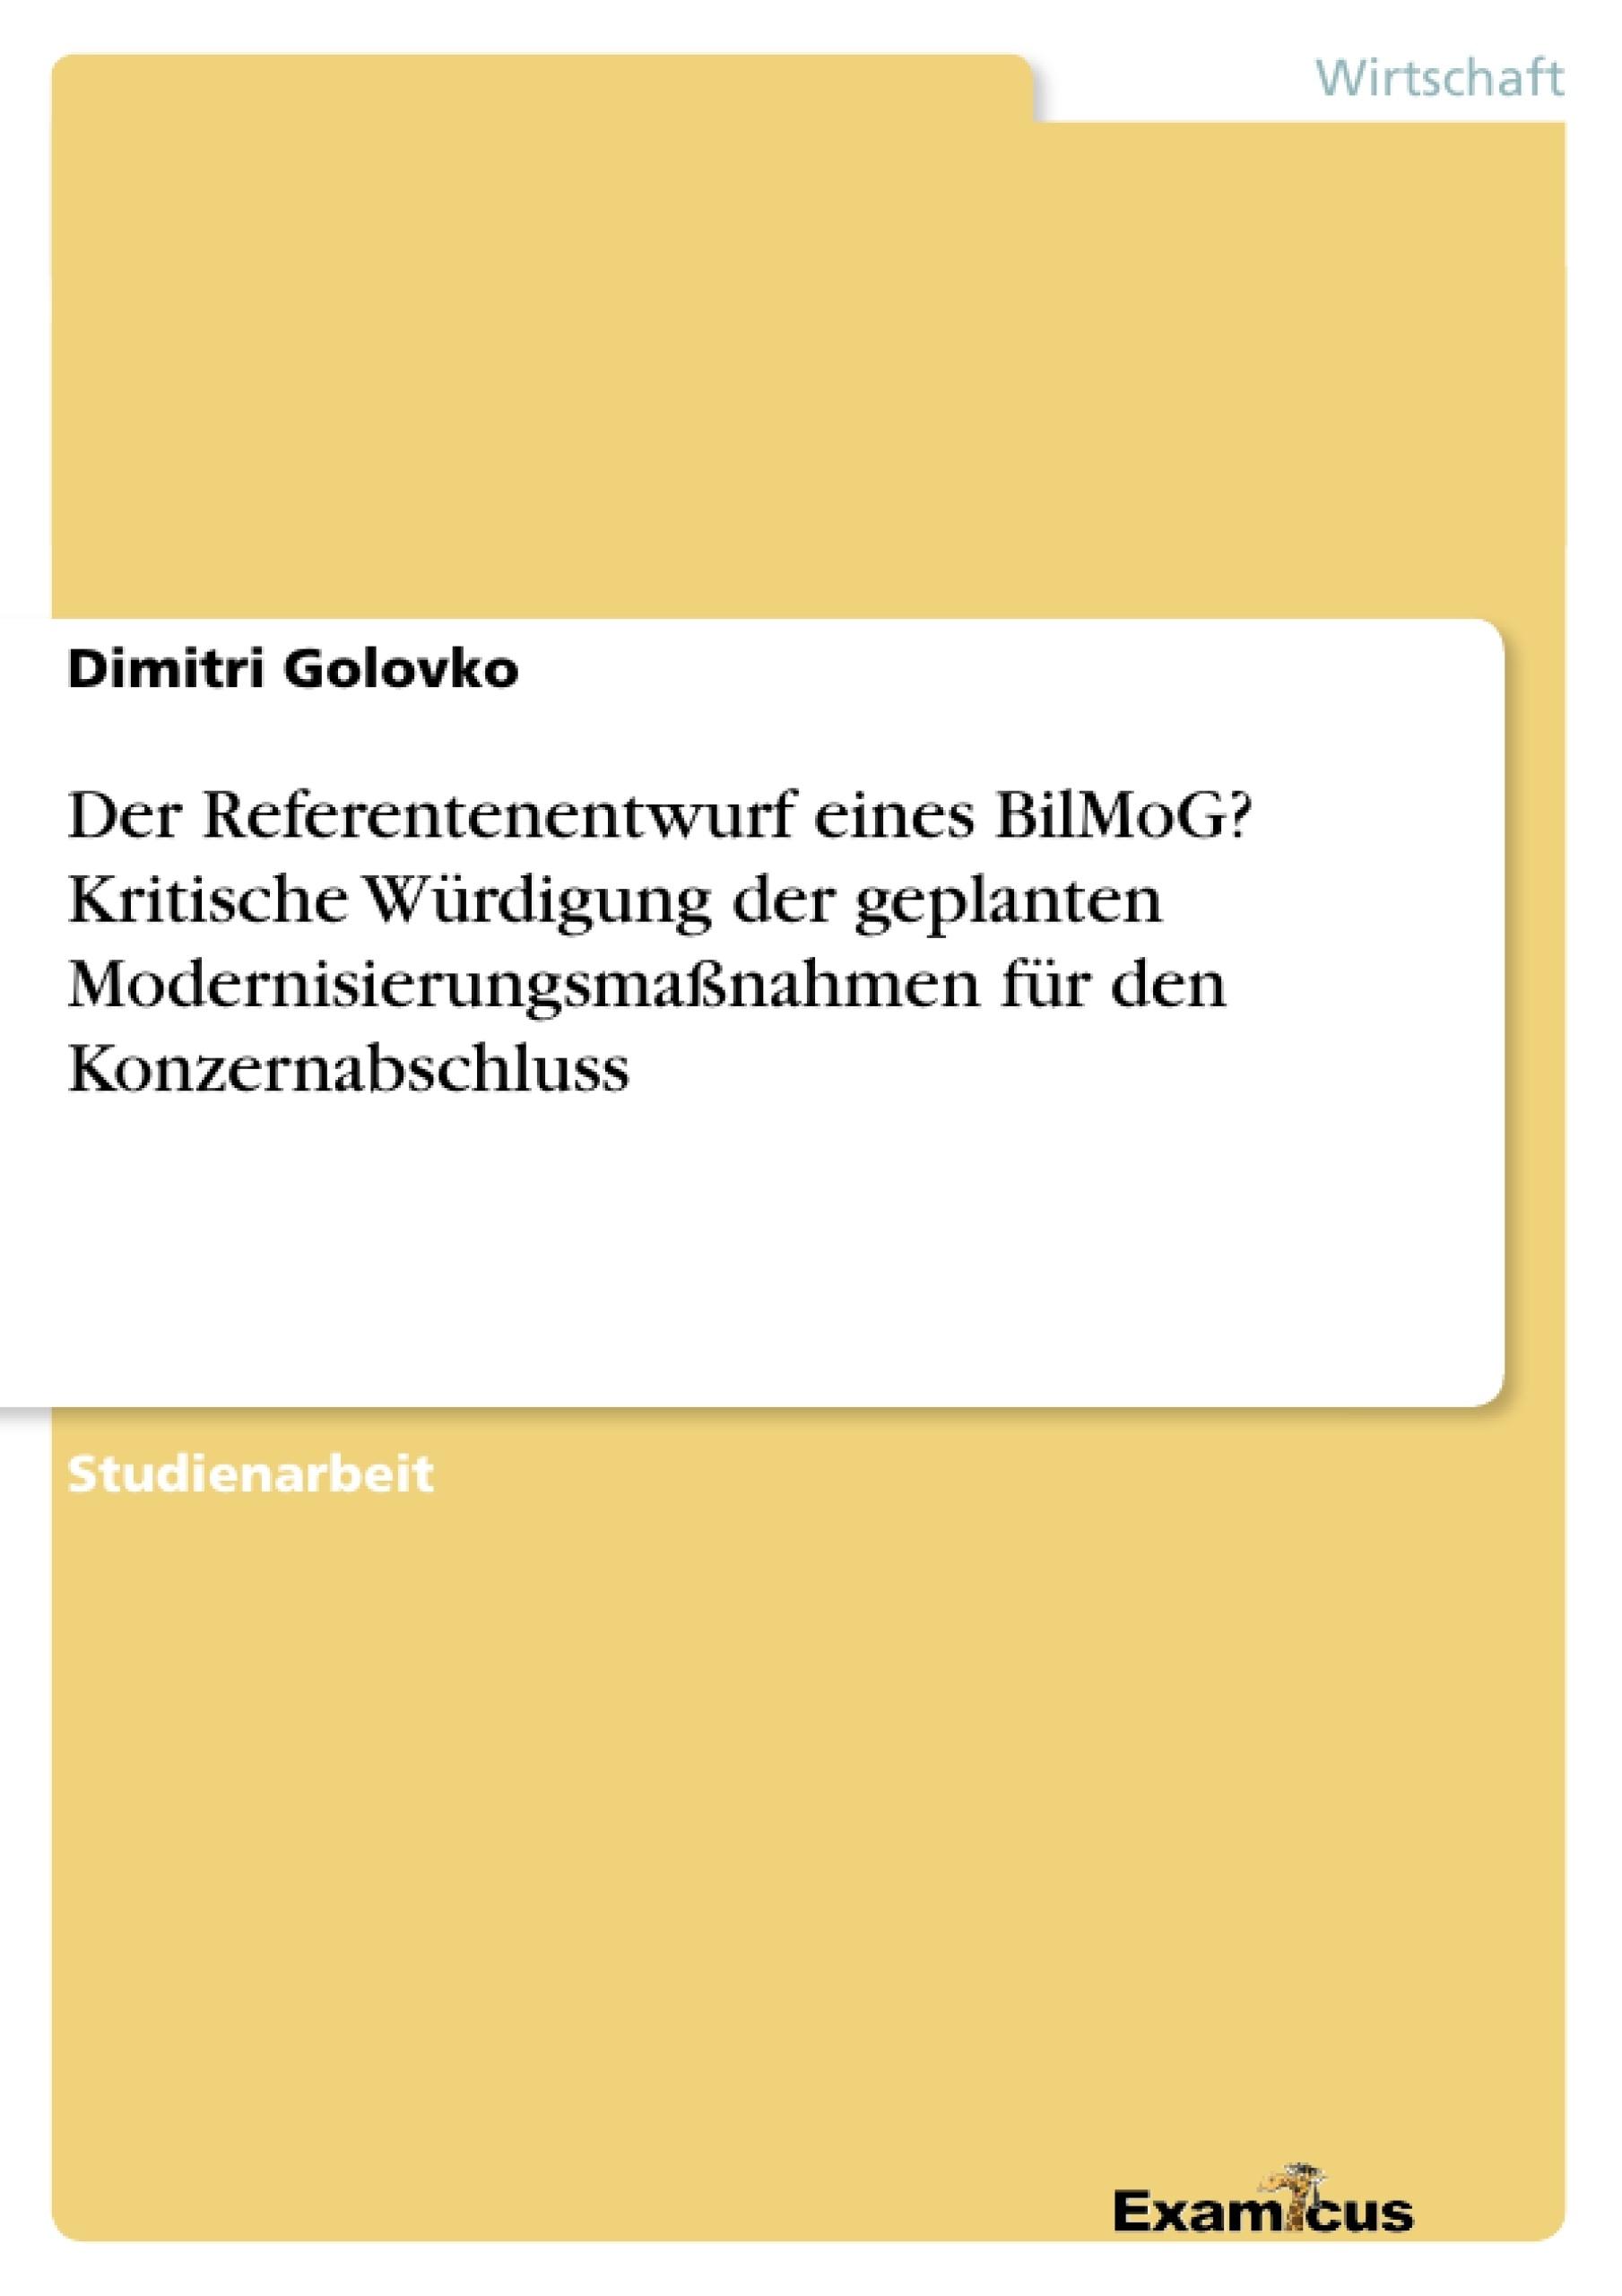 Titel: Der Referentenentwurf eines BilMoG? Kritische Würdigung der geplanten Modernisierungsmaßnahmen für den Konzernabschluss